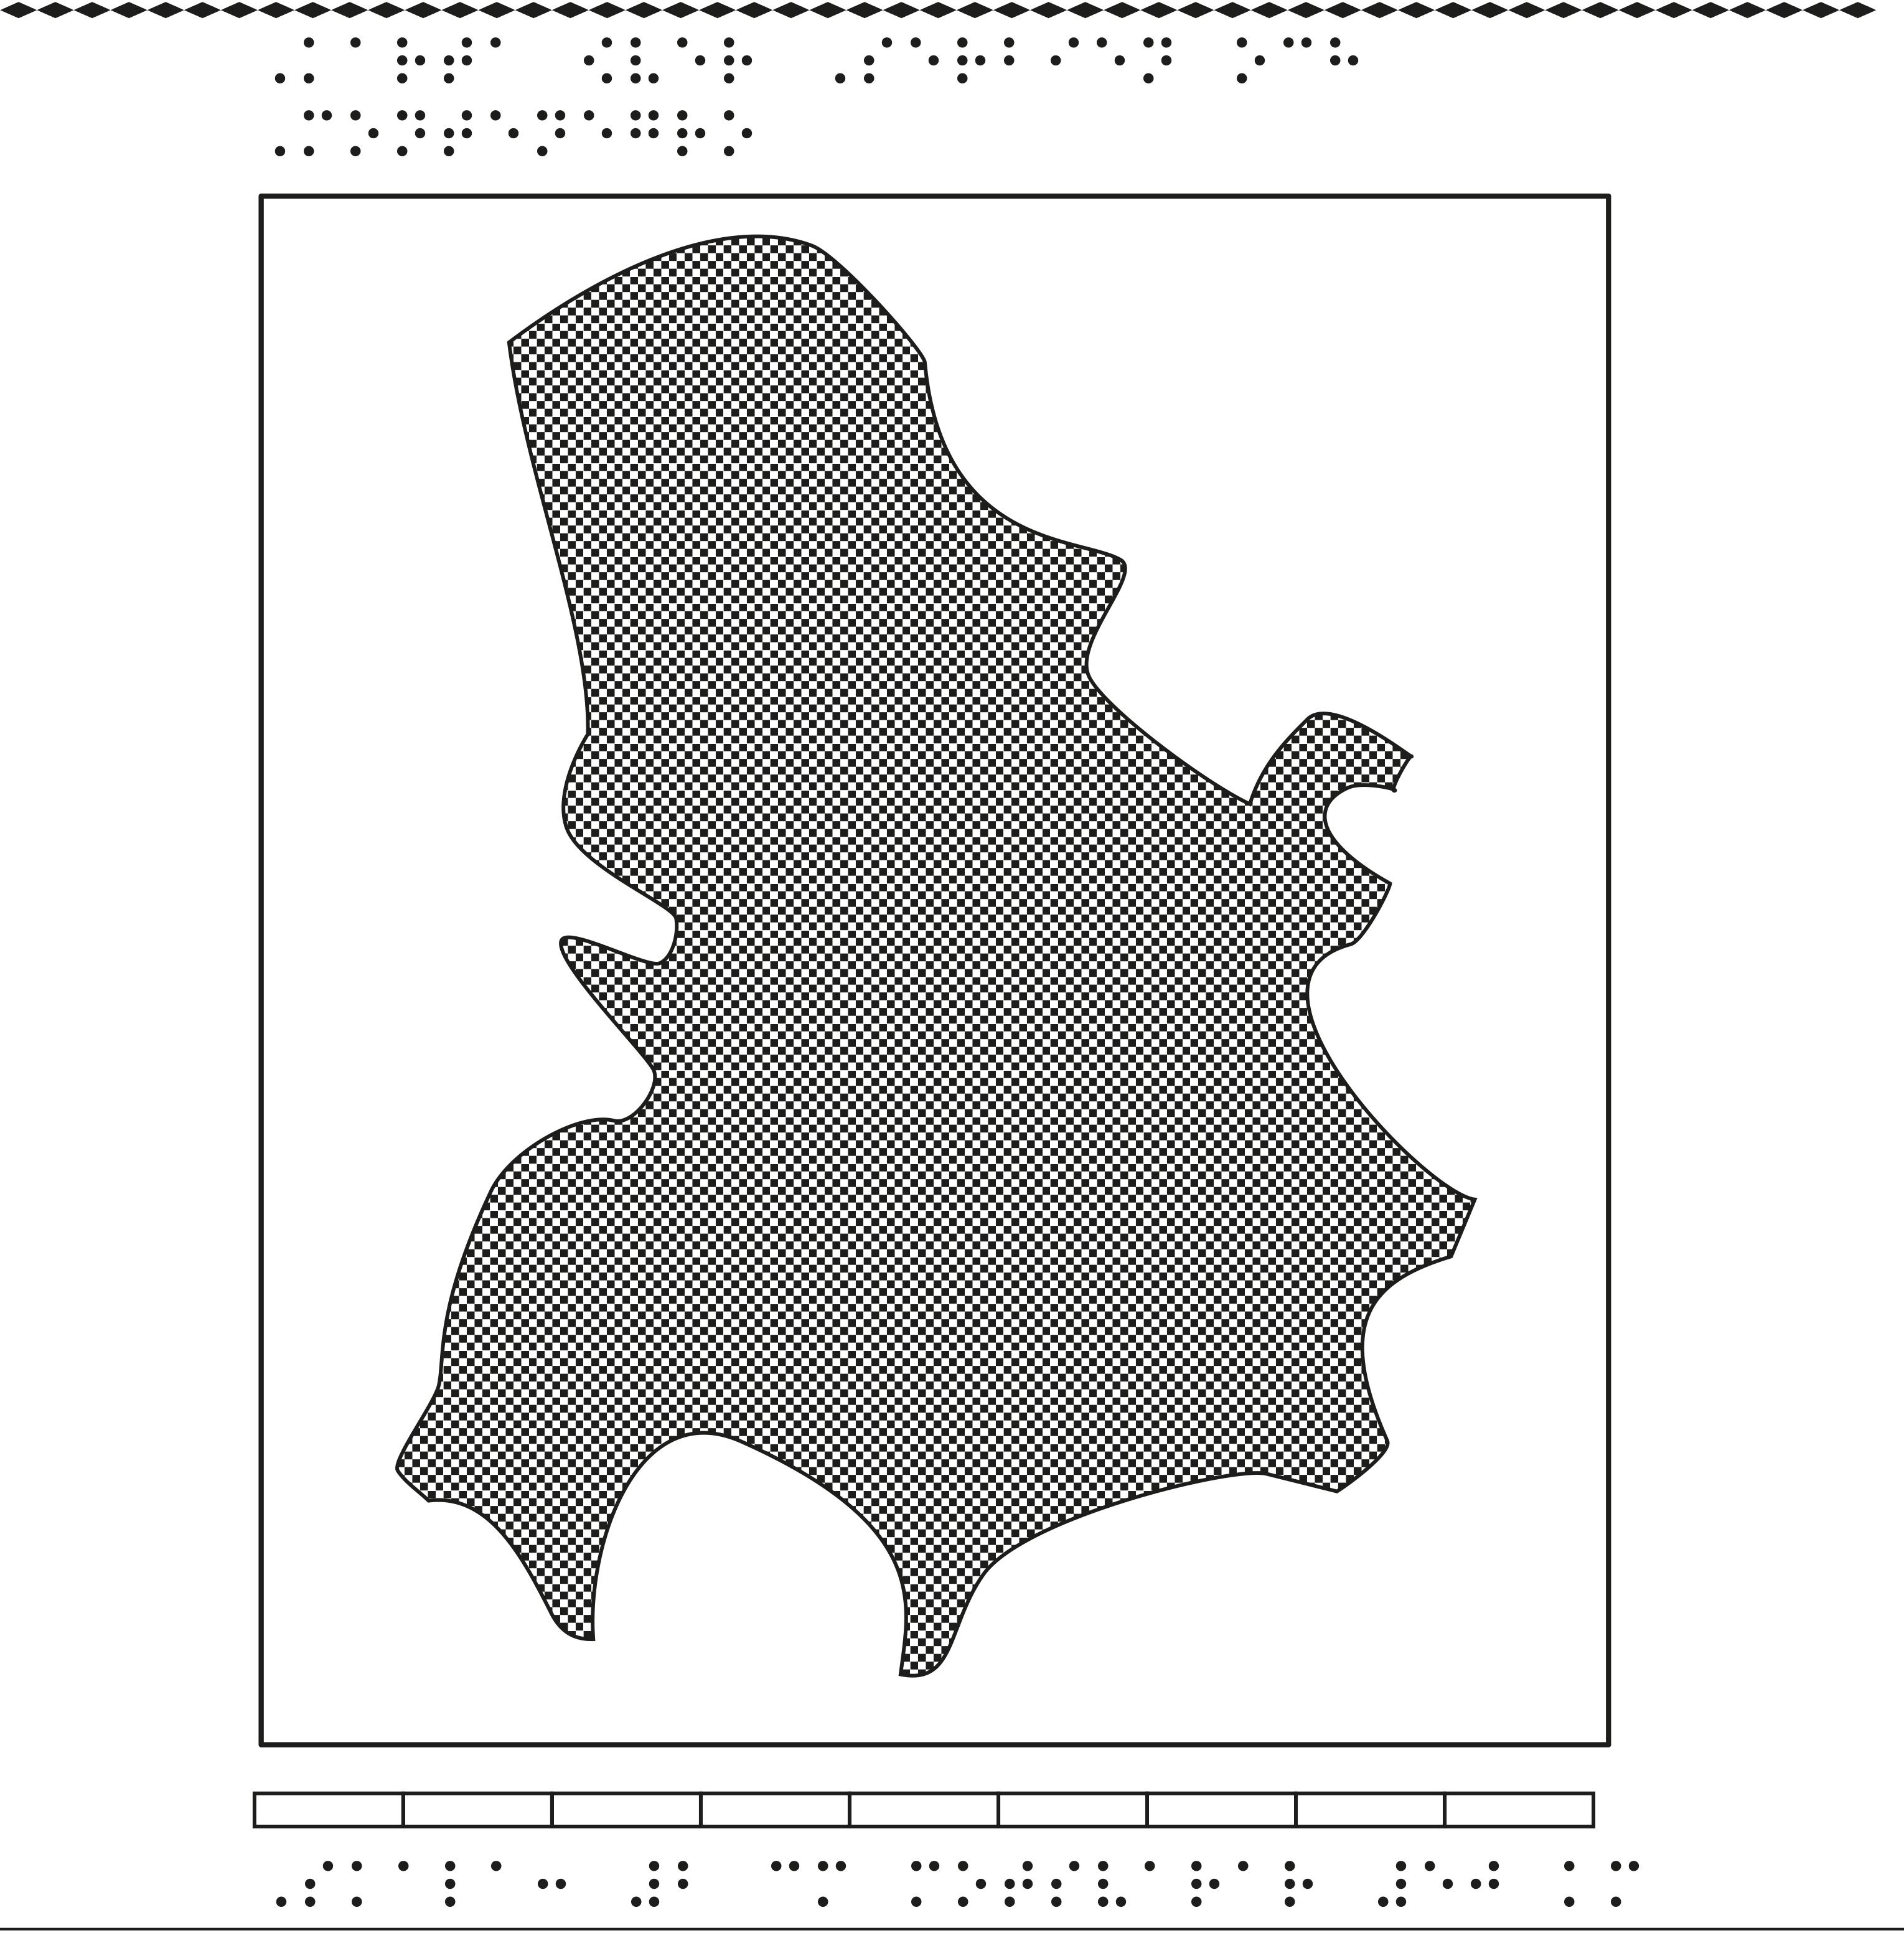 Karta över Serbien och Montenegro i relief med tillhörande punktskrift.